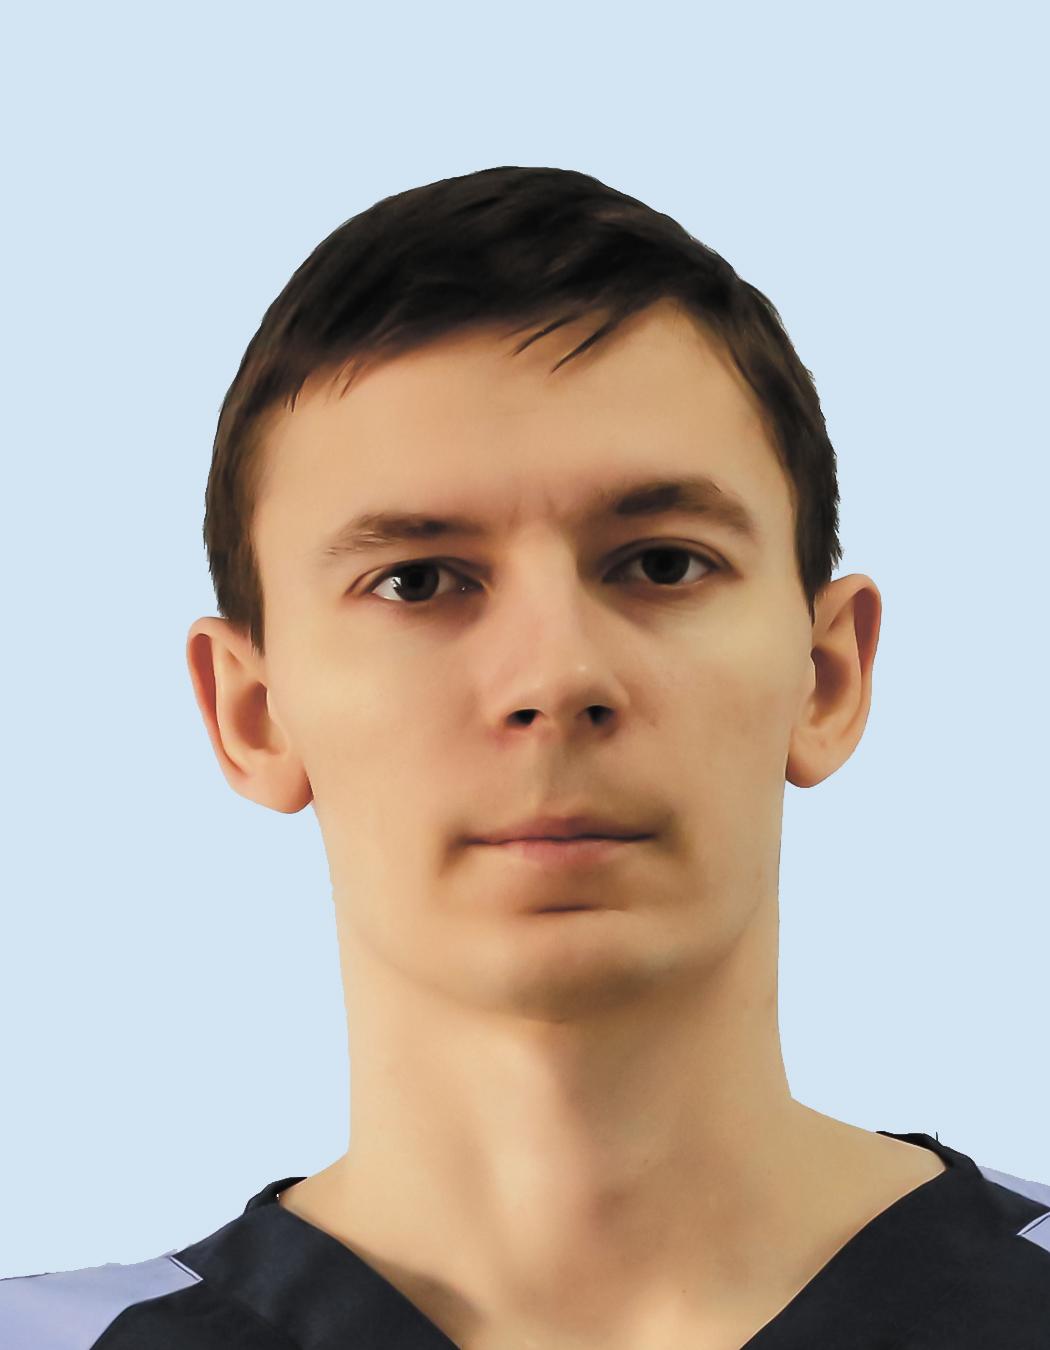 Орликовский Денис Олегович, врач рентгенолог, первая категория